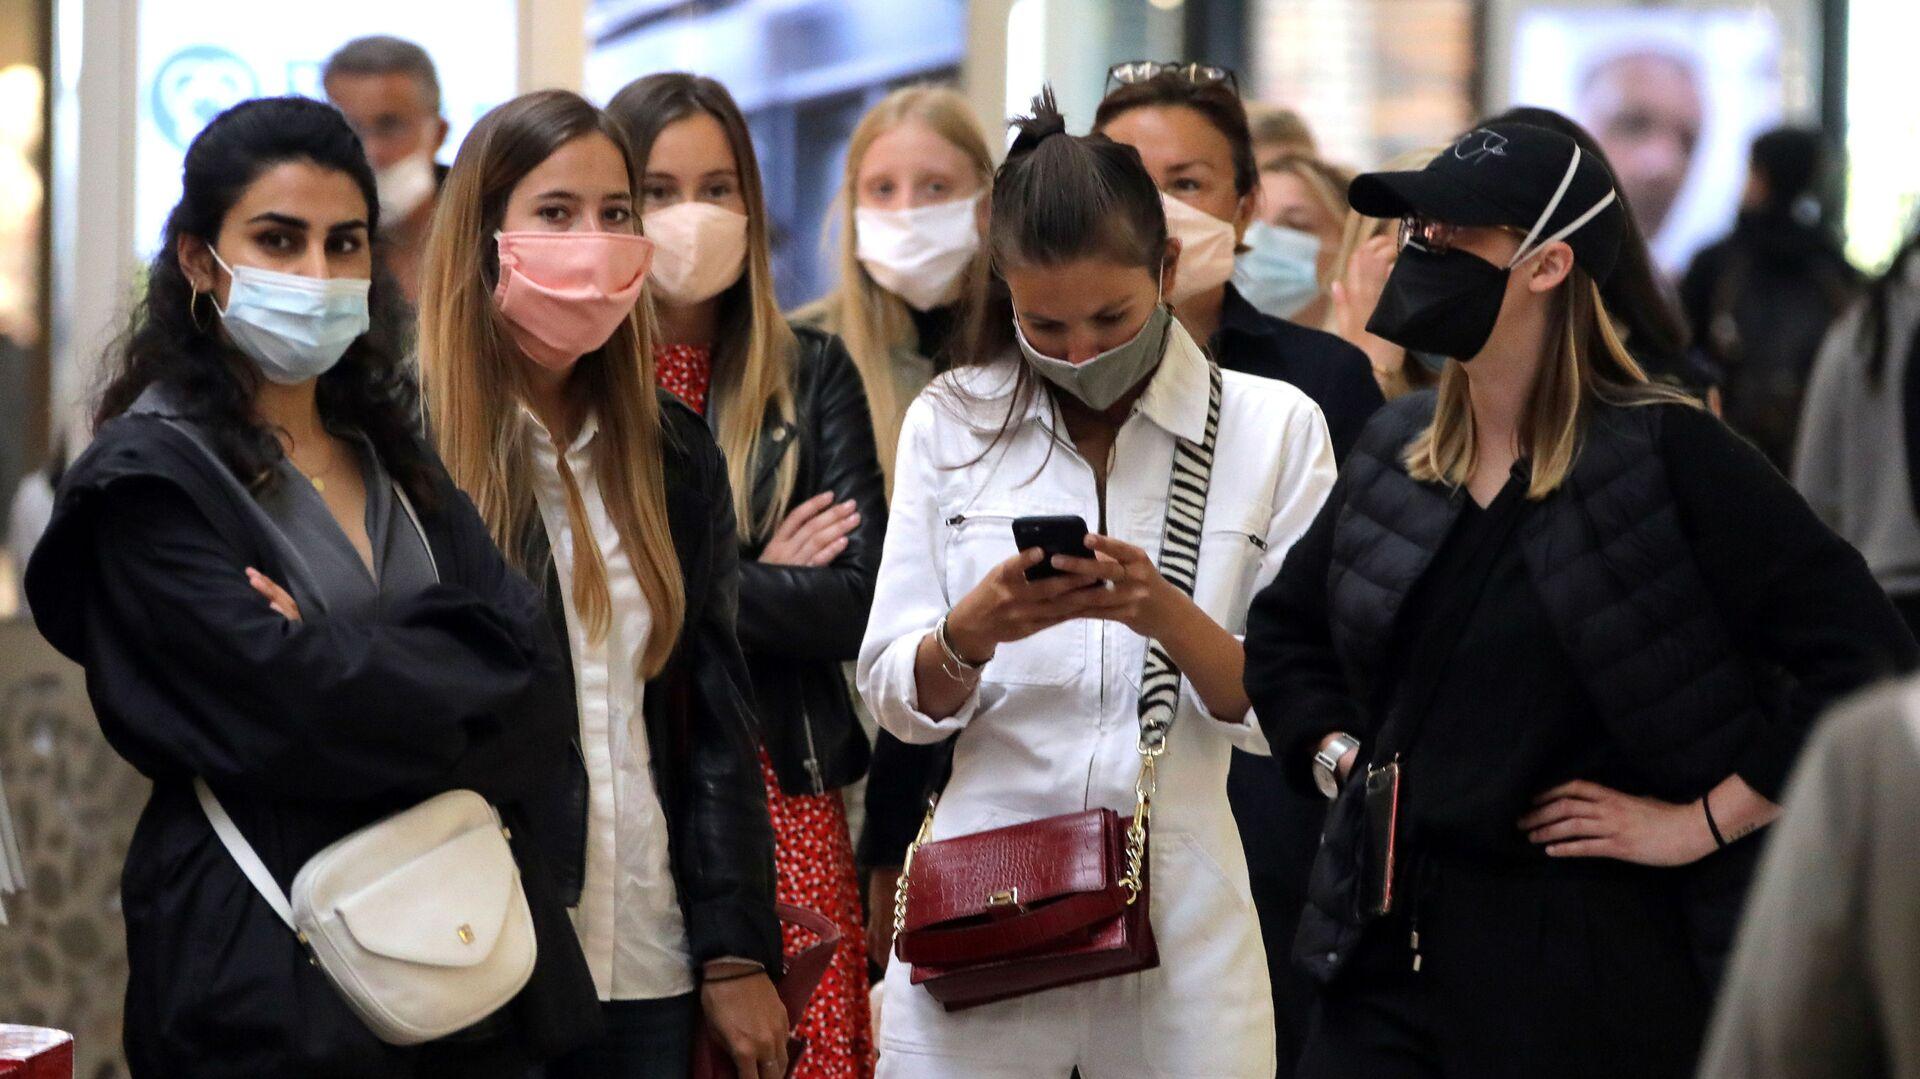 Девушки в масках во время открытия магазина после облегчения карантинных мер во Франции  - Sputnik Узбекистан, 1920, 05.10.2021